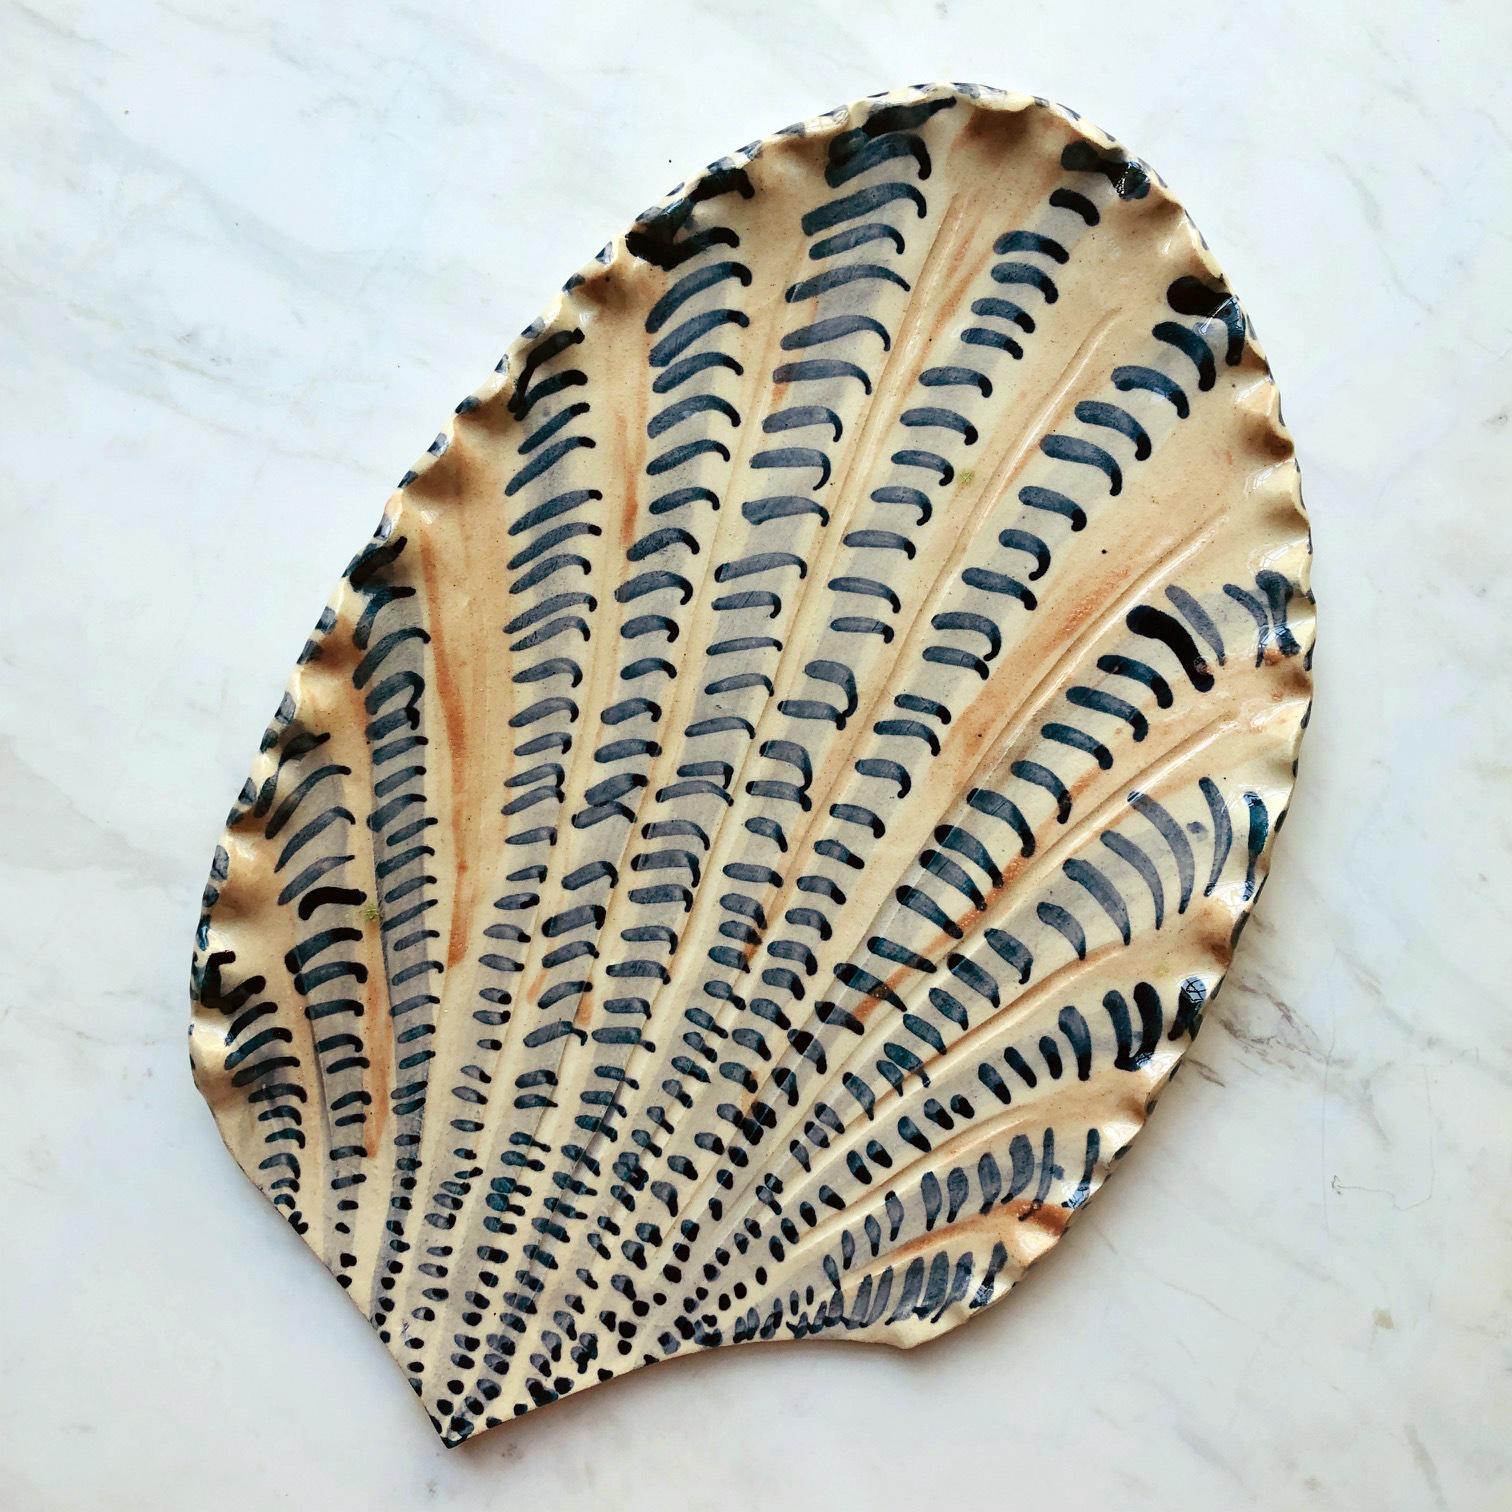 shell # 158 R1400.